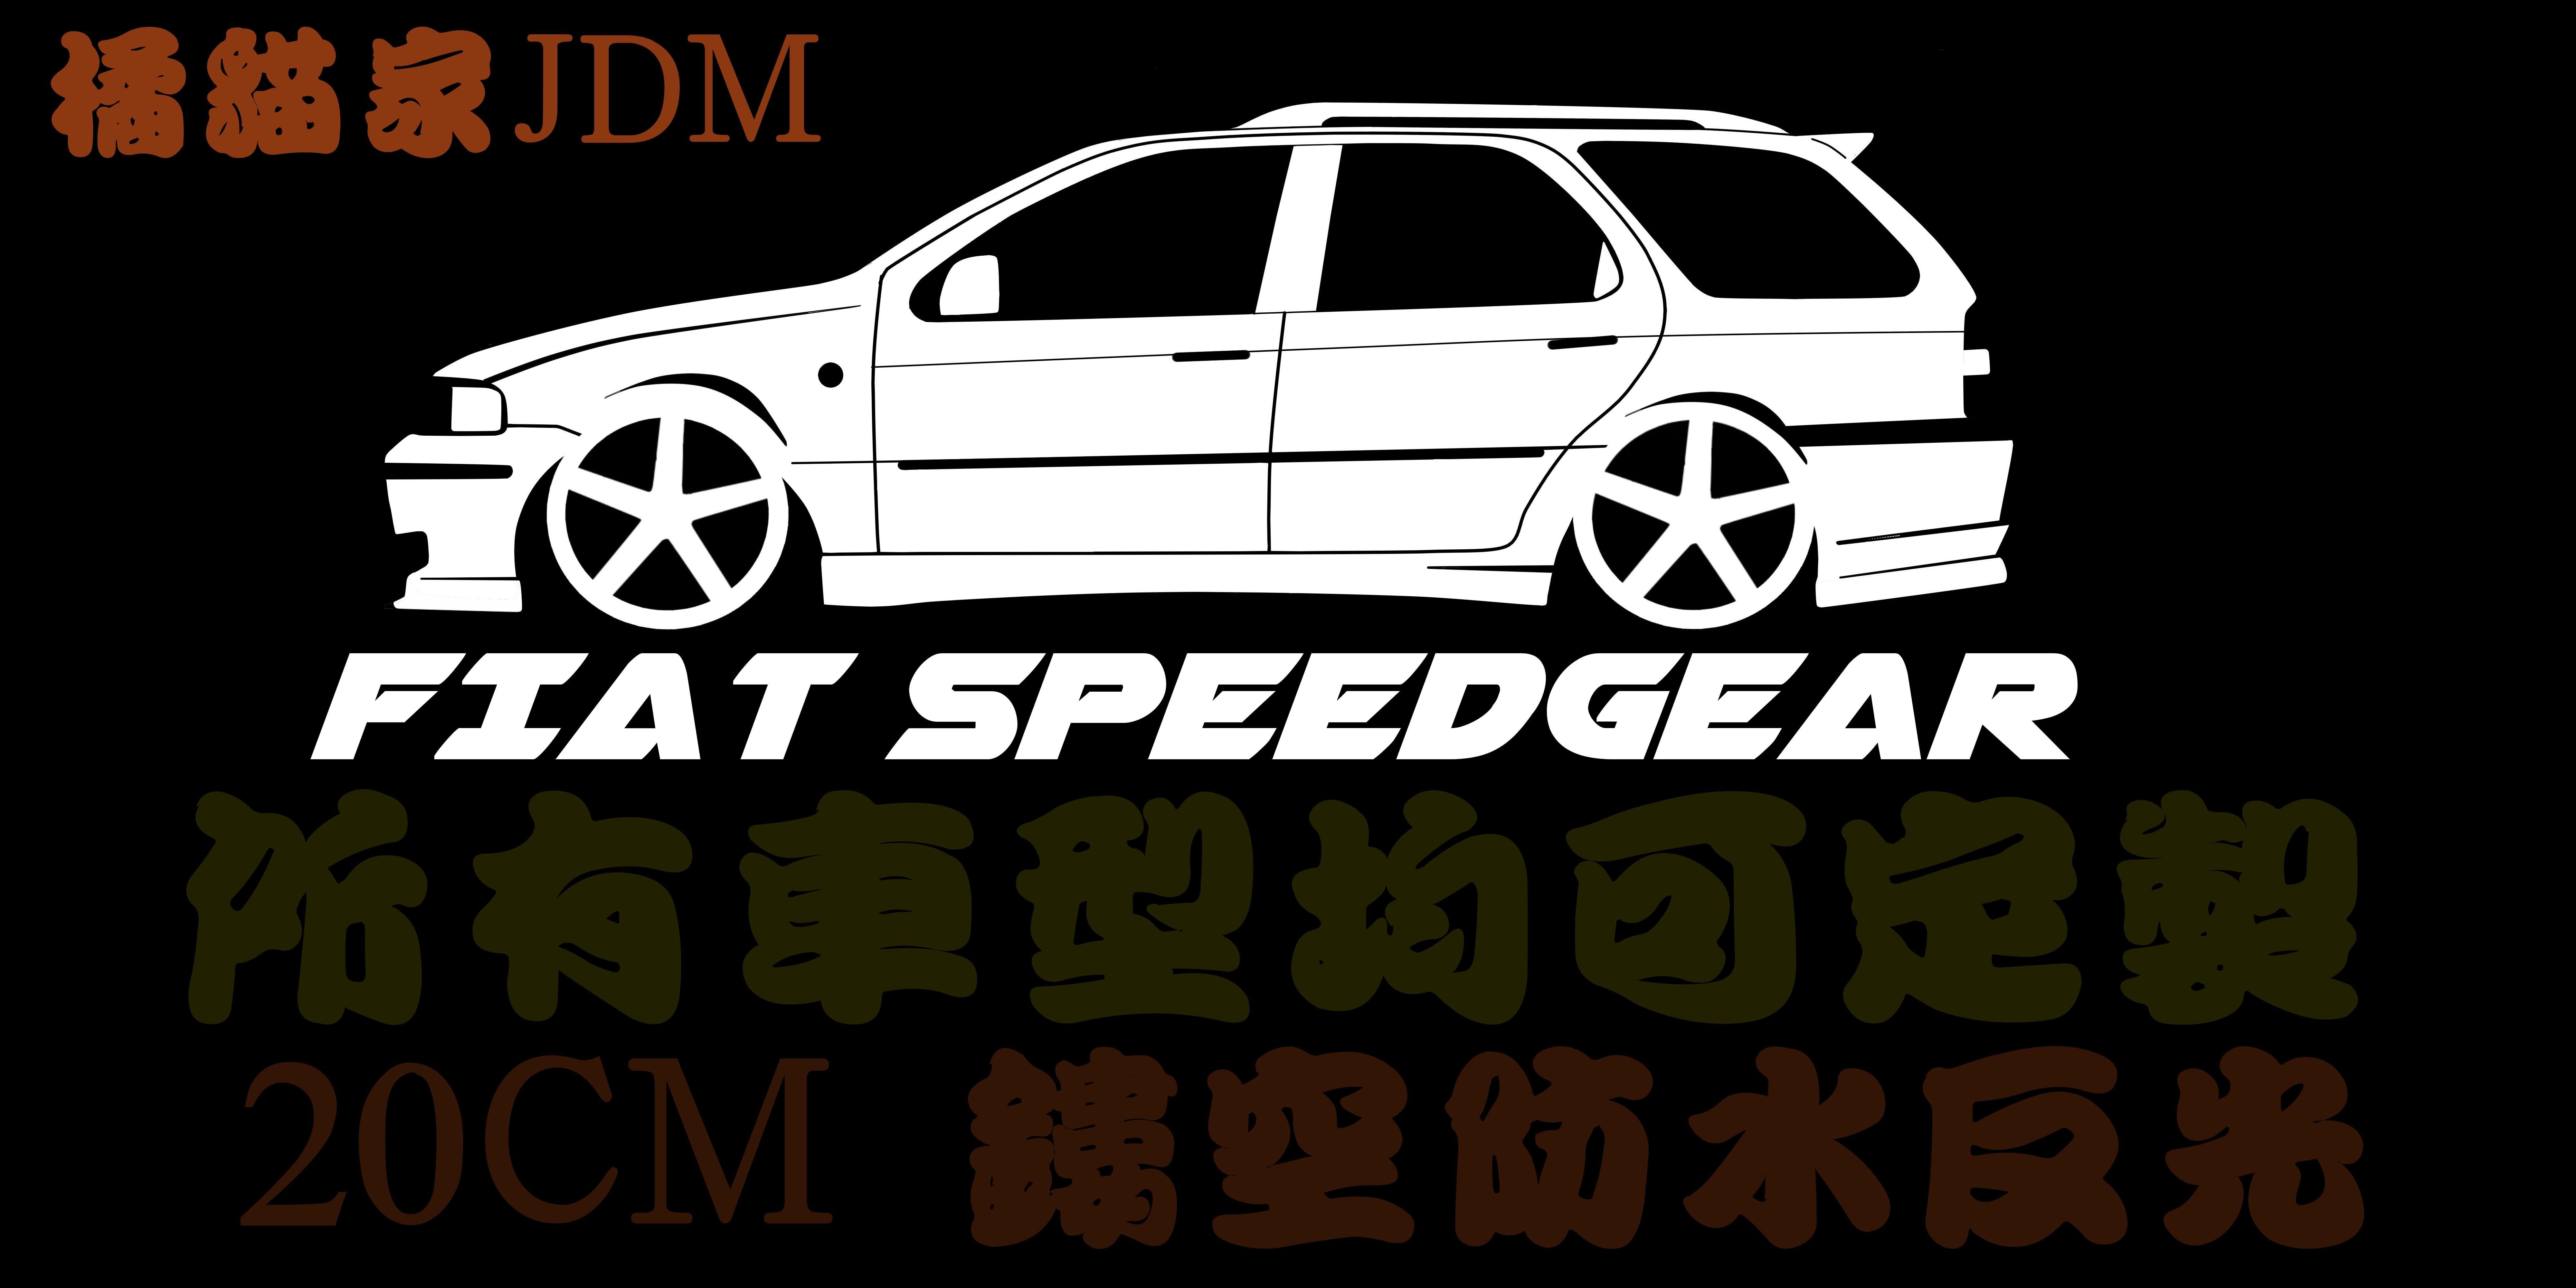 菲亚特贴纸HF车贴改装车贴贴花定制拉花风挡JDM低趴周末风车贴